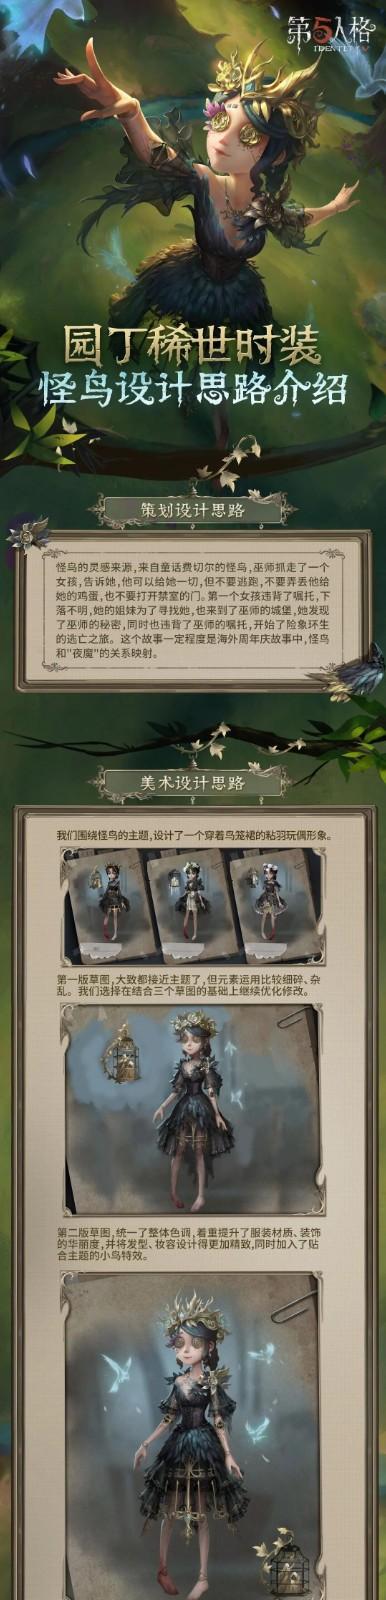 【最后的故事】园丁稀世时装-怪鸟设计思路公开!